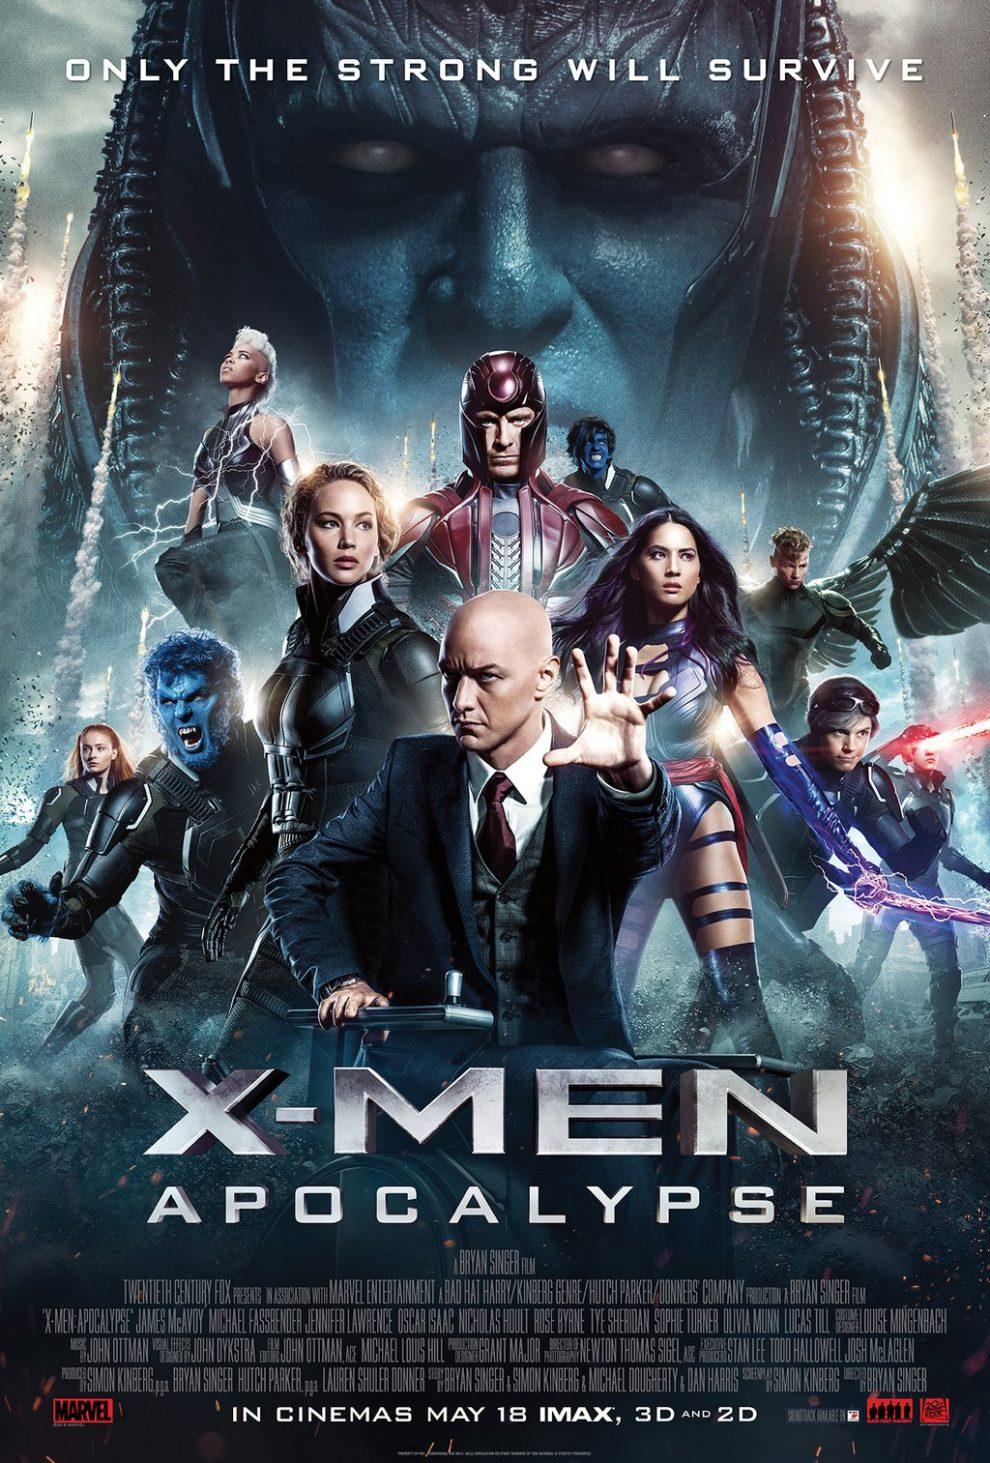 Скачать фильм Люди Икс Апокалипсис на телефон андроид бесплатно mp4 3gp -